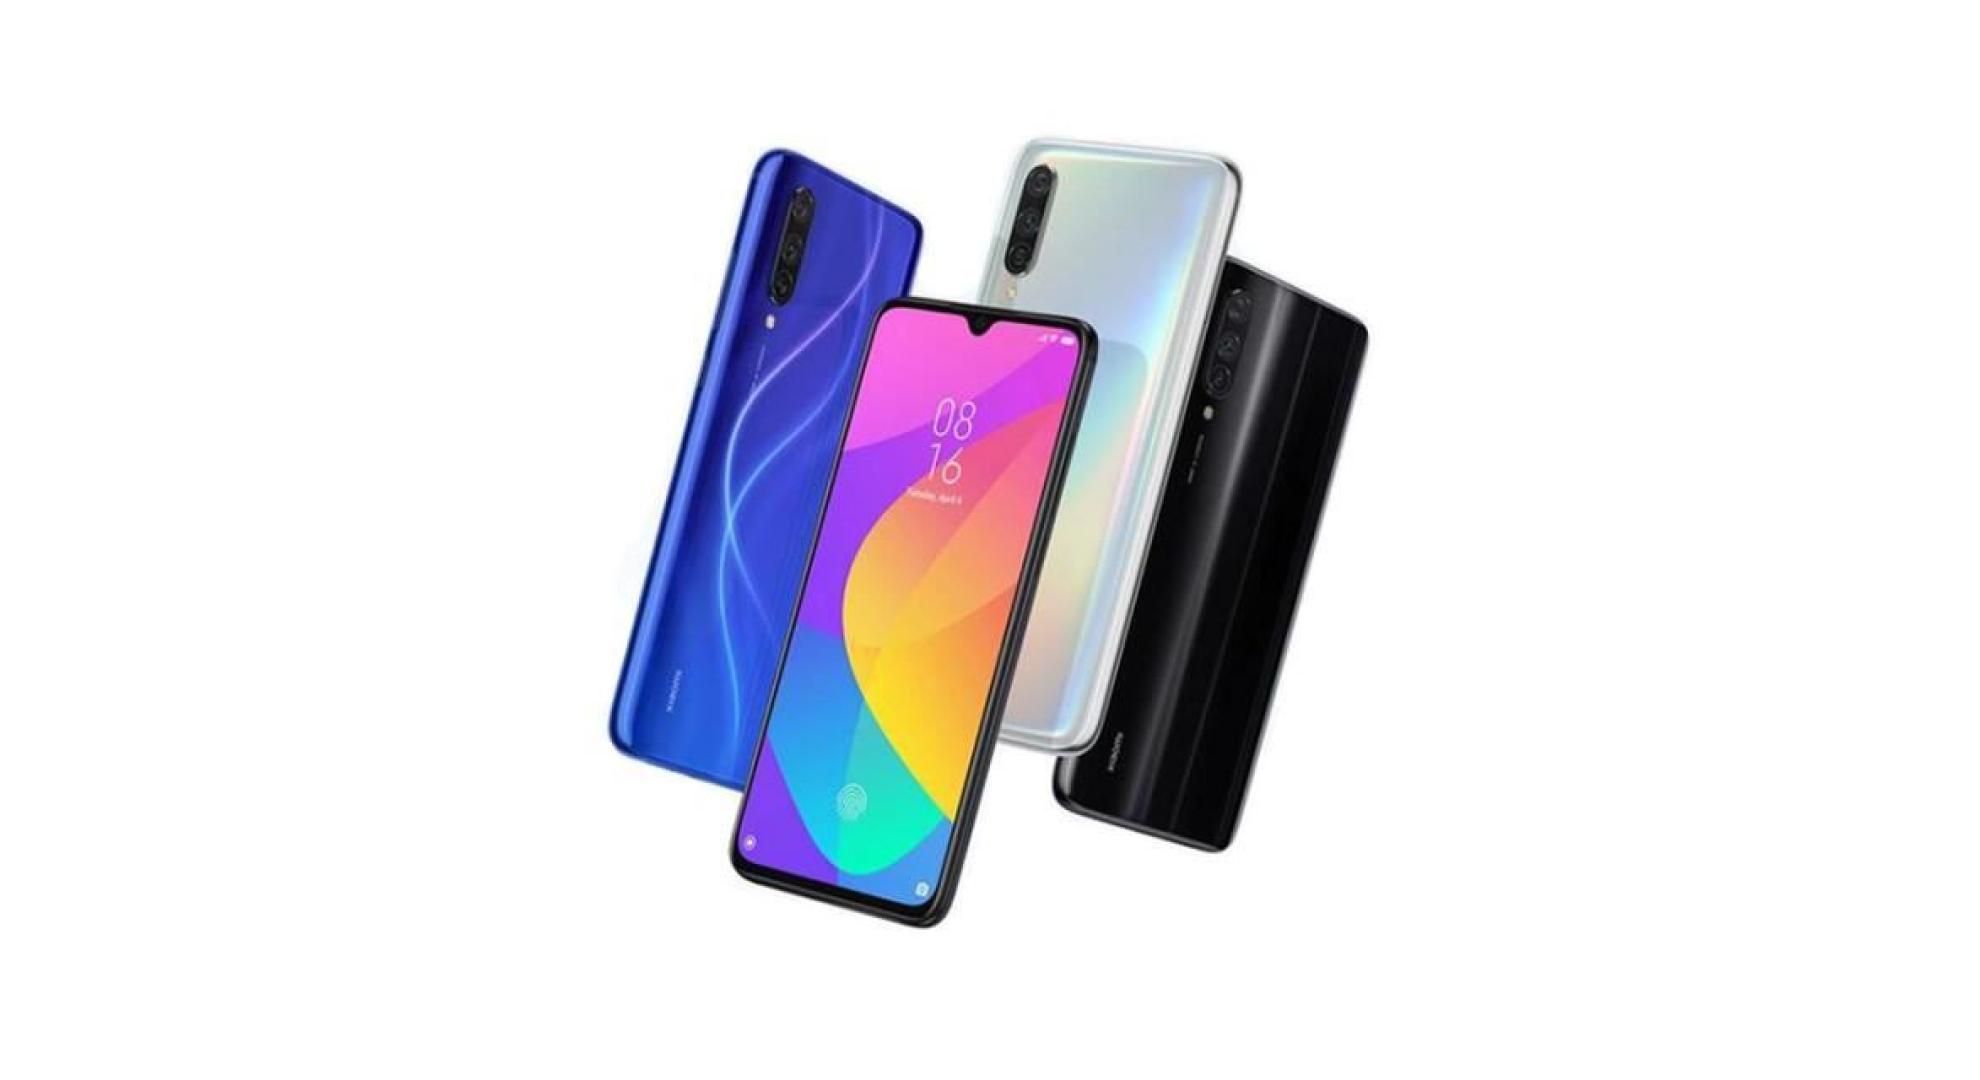 Où acheter le Xiaomi Mi 9 Lite au meilleur prix en 2020 ?